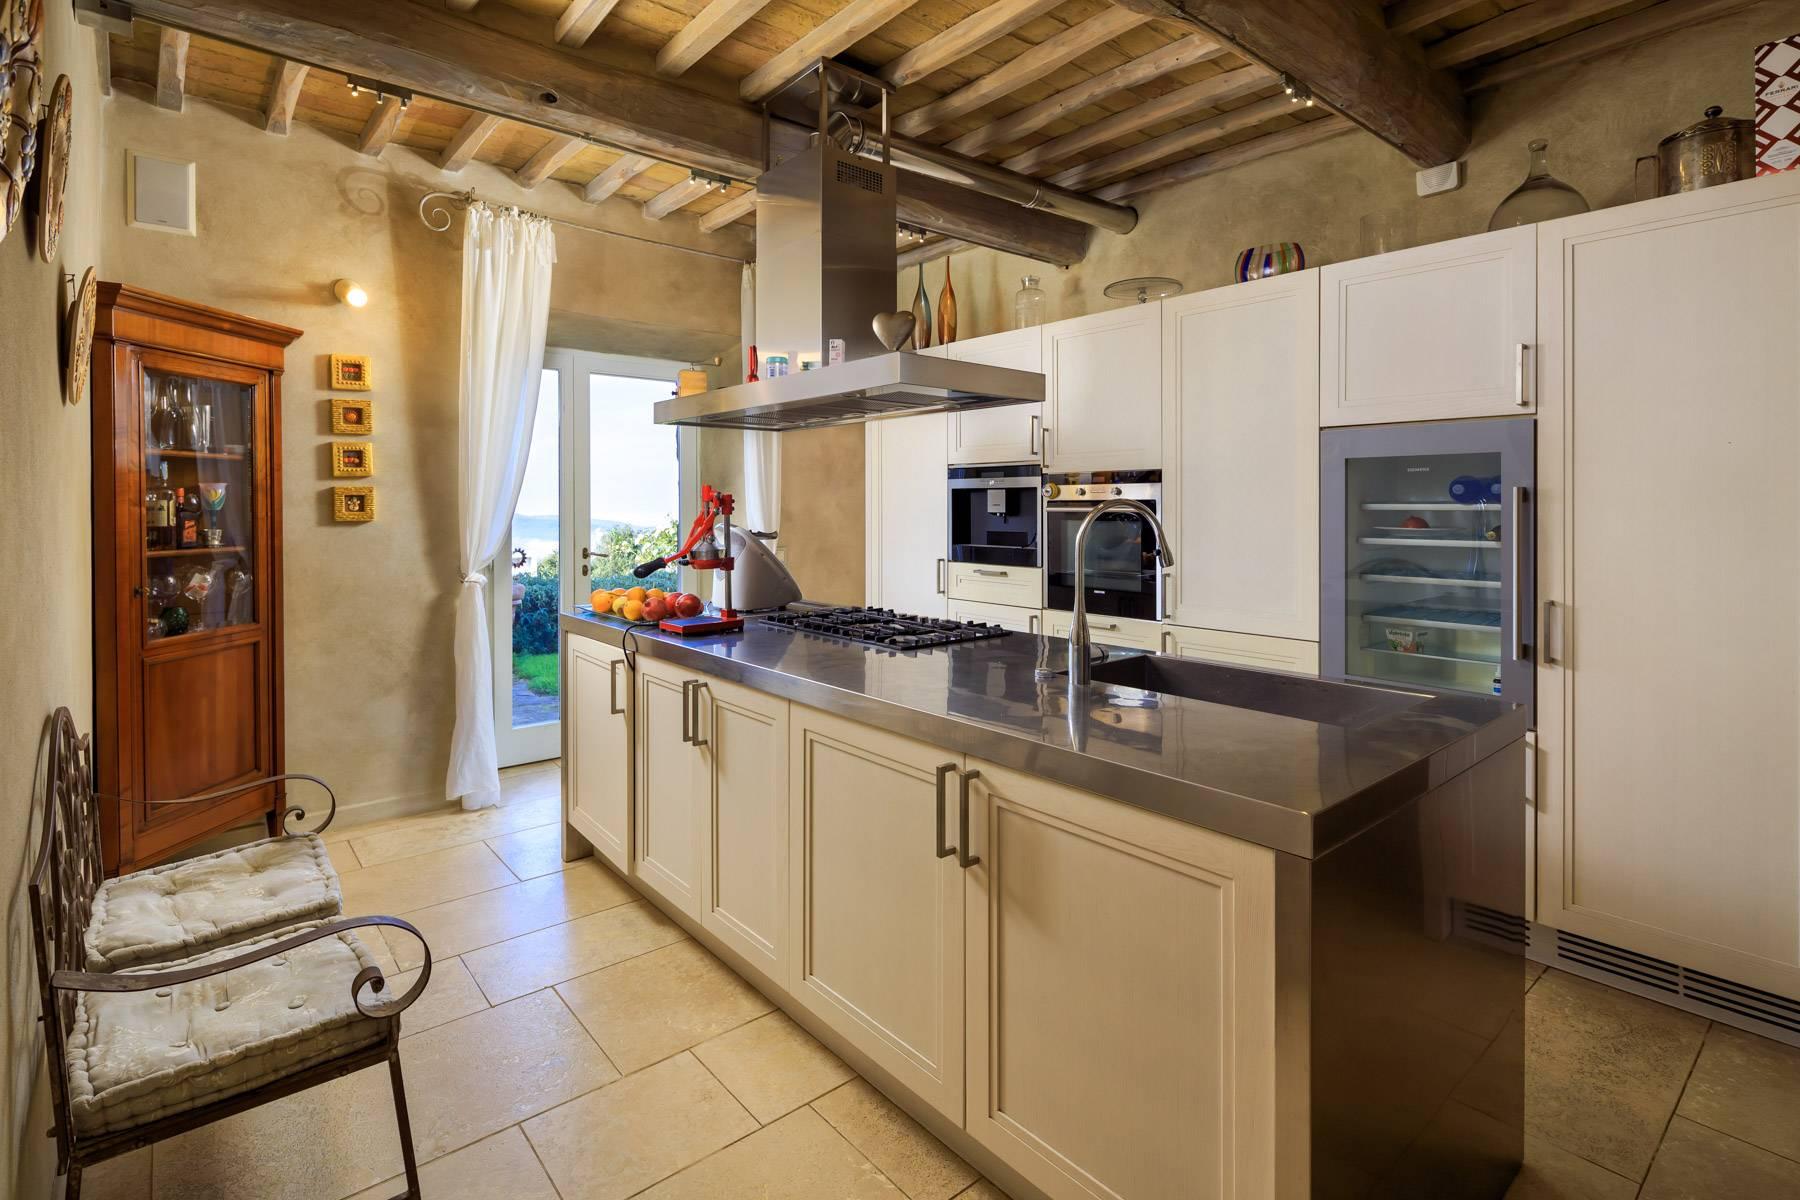 Rustico in Vendita a Montalcino: 5 locali, 300 mq - Foto 13